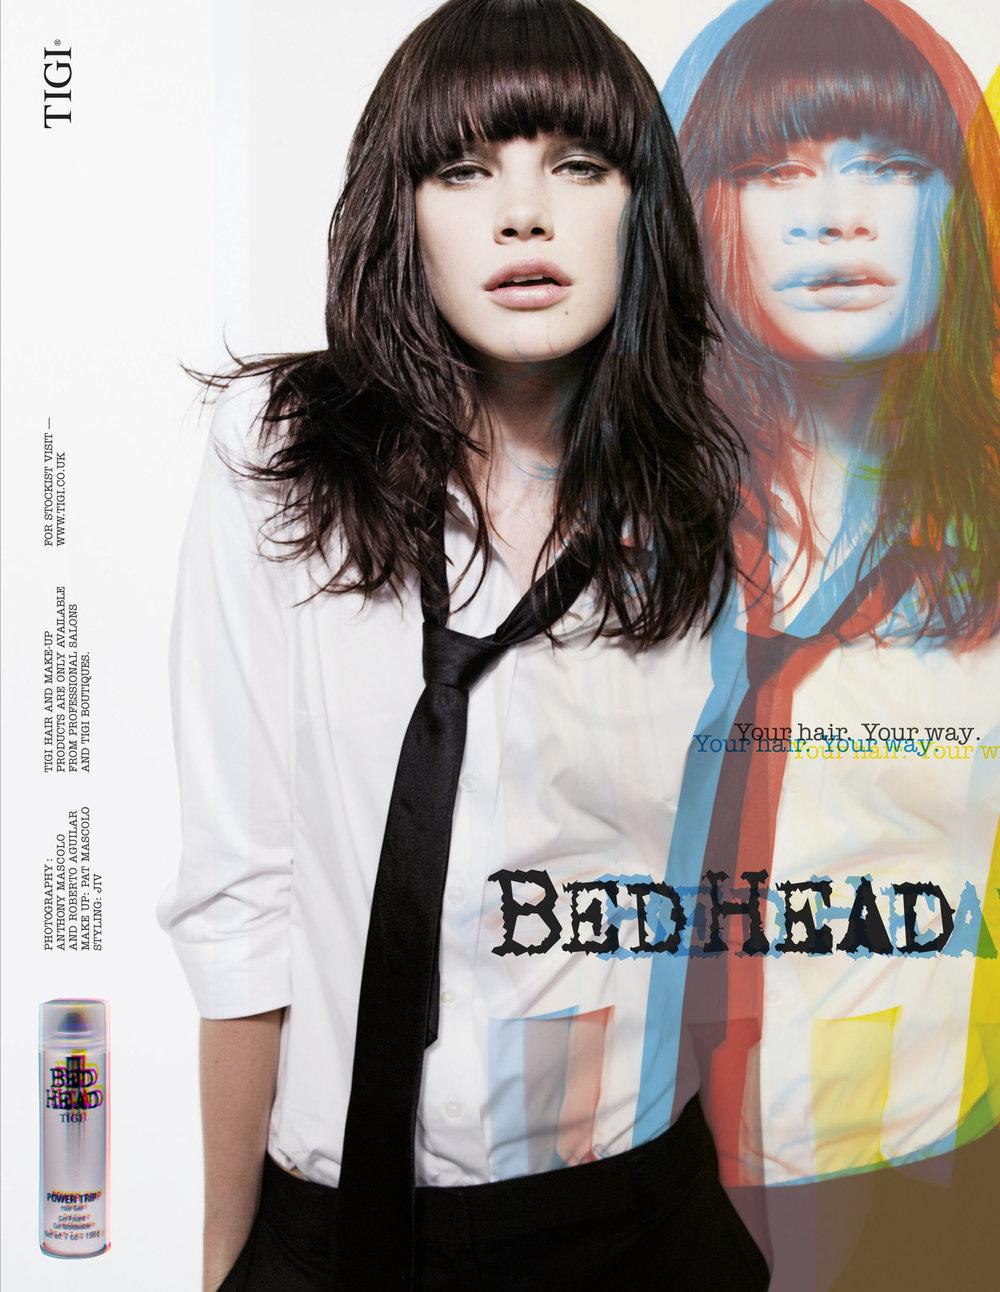 bedhead08.jpg